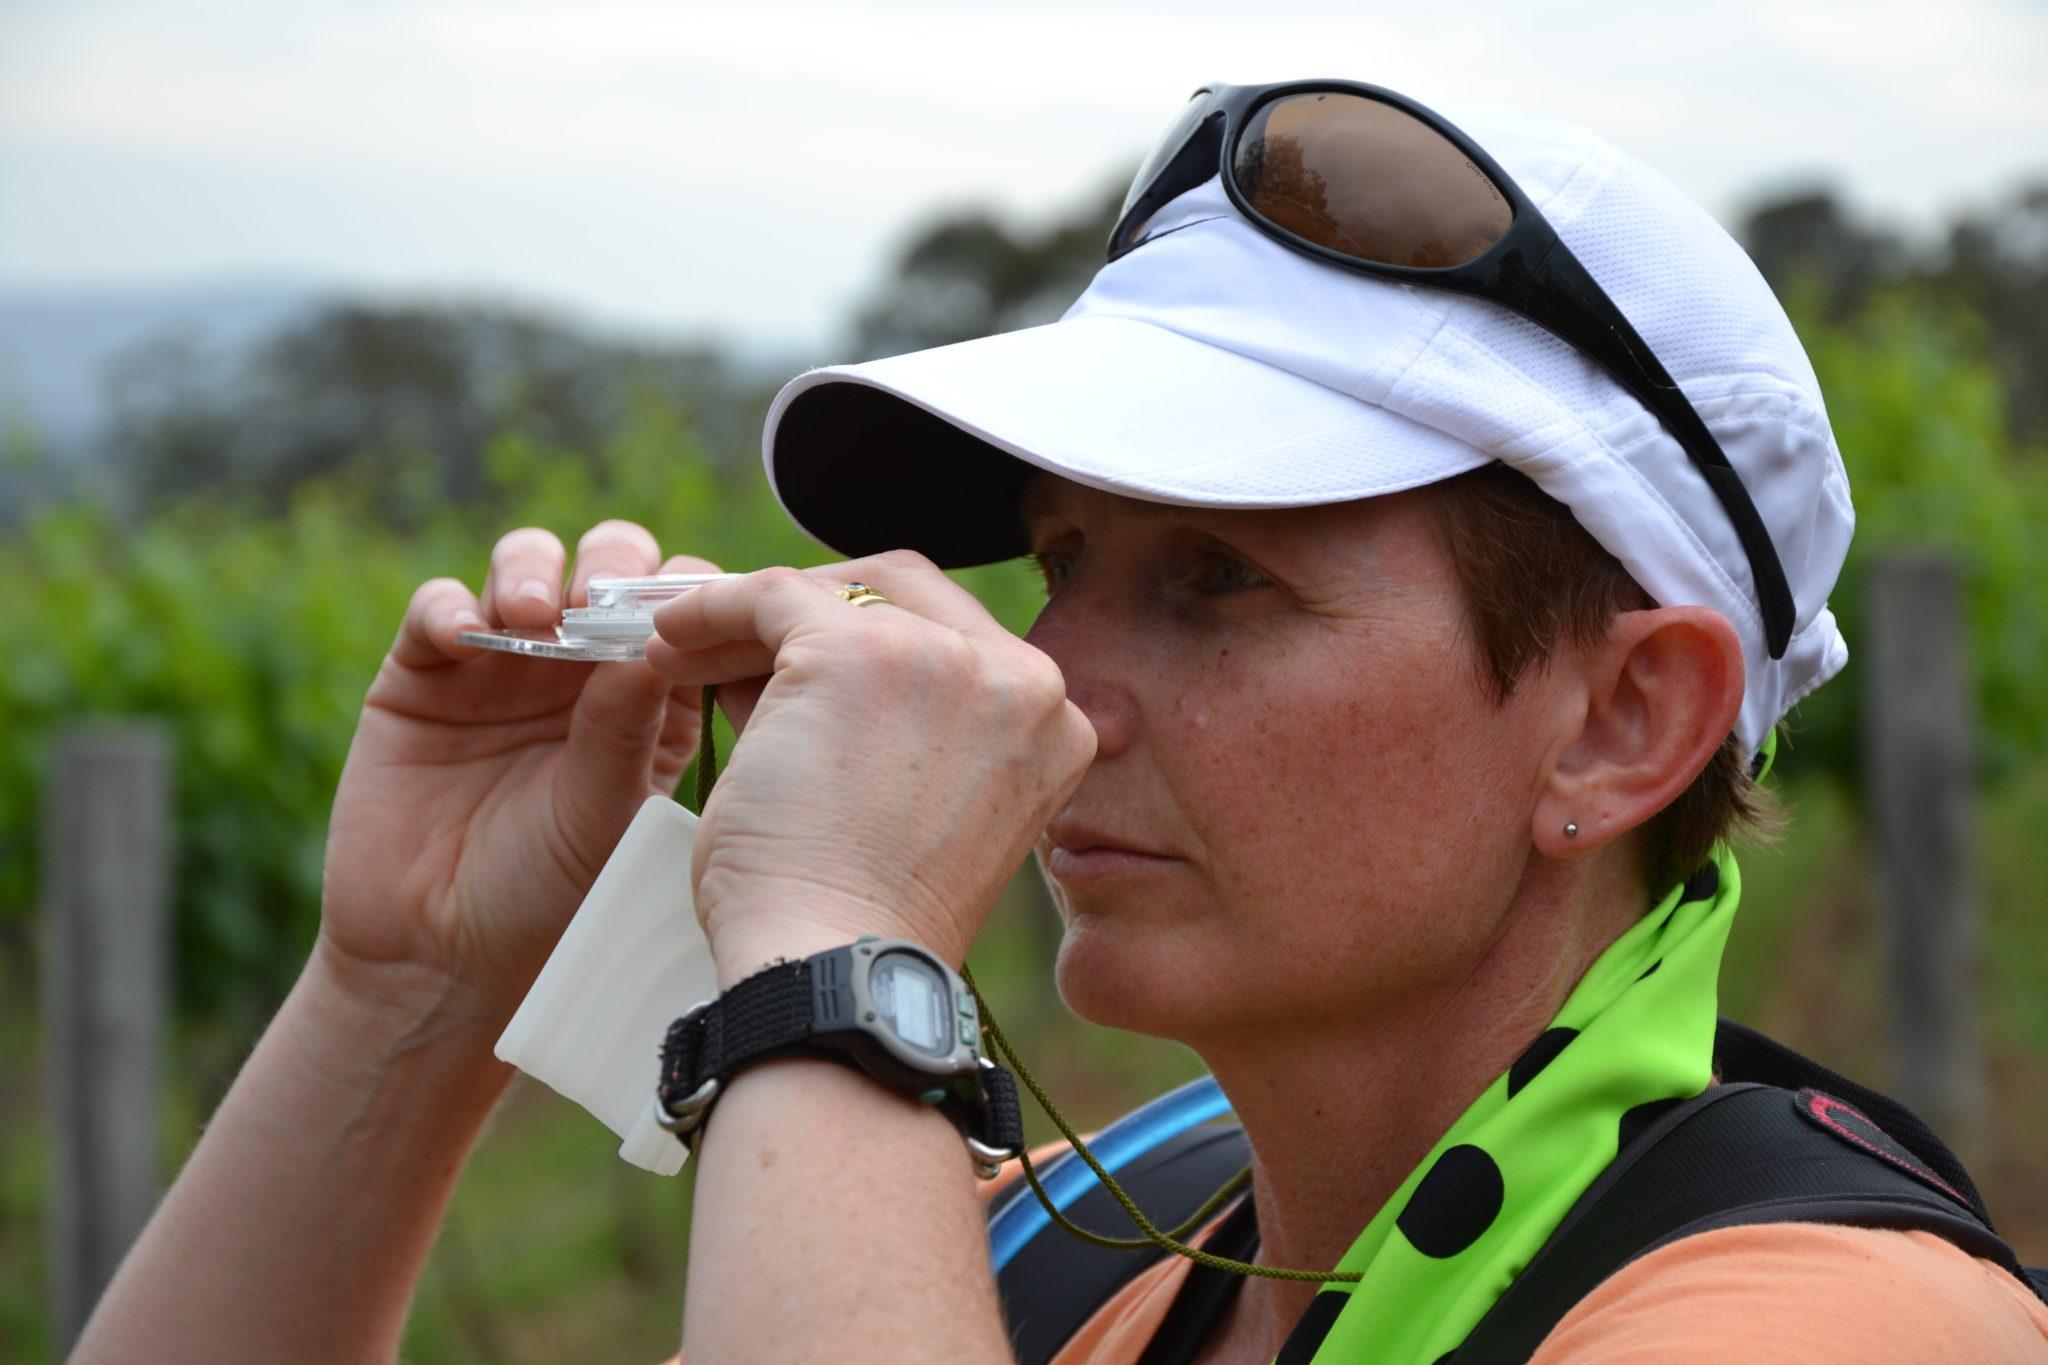 orienteering adventures australia team building